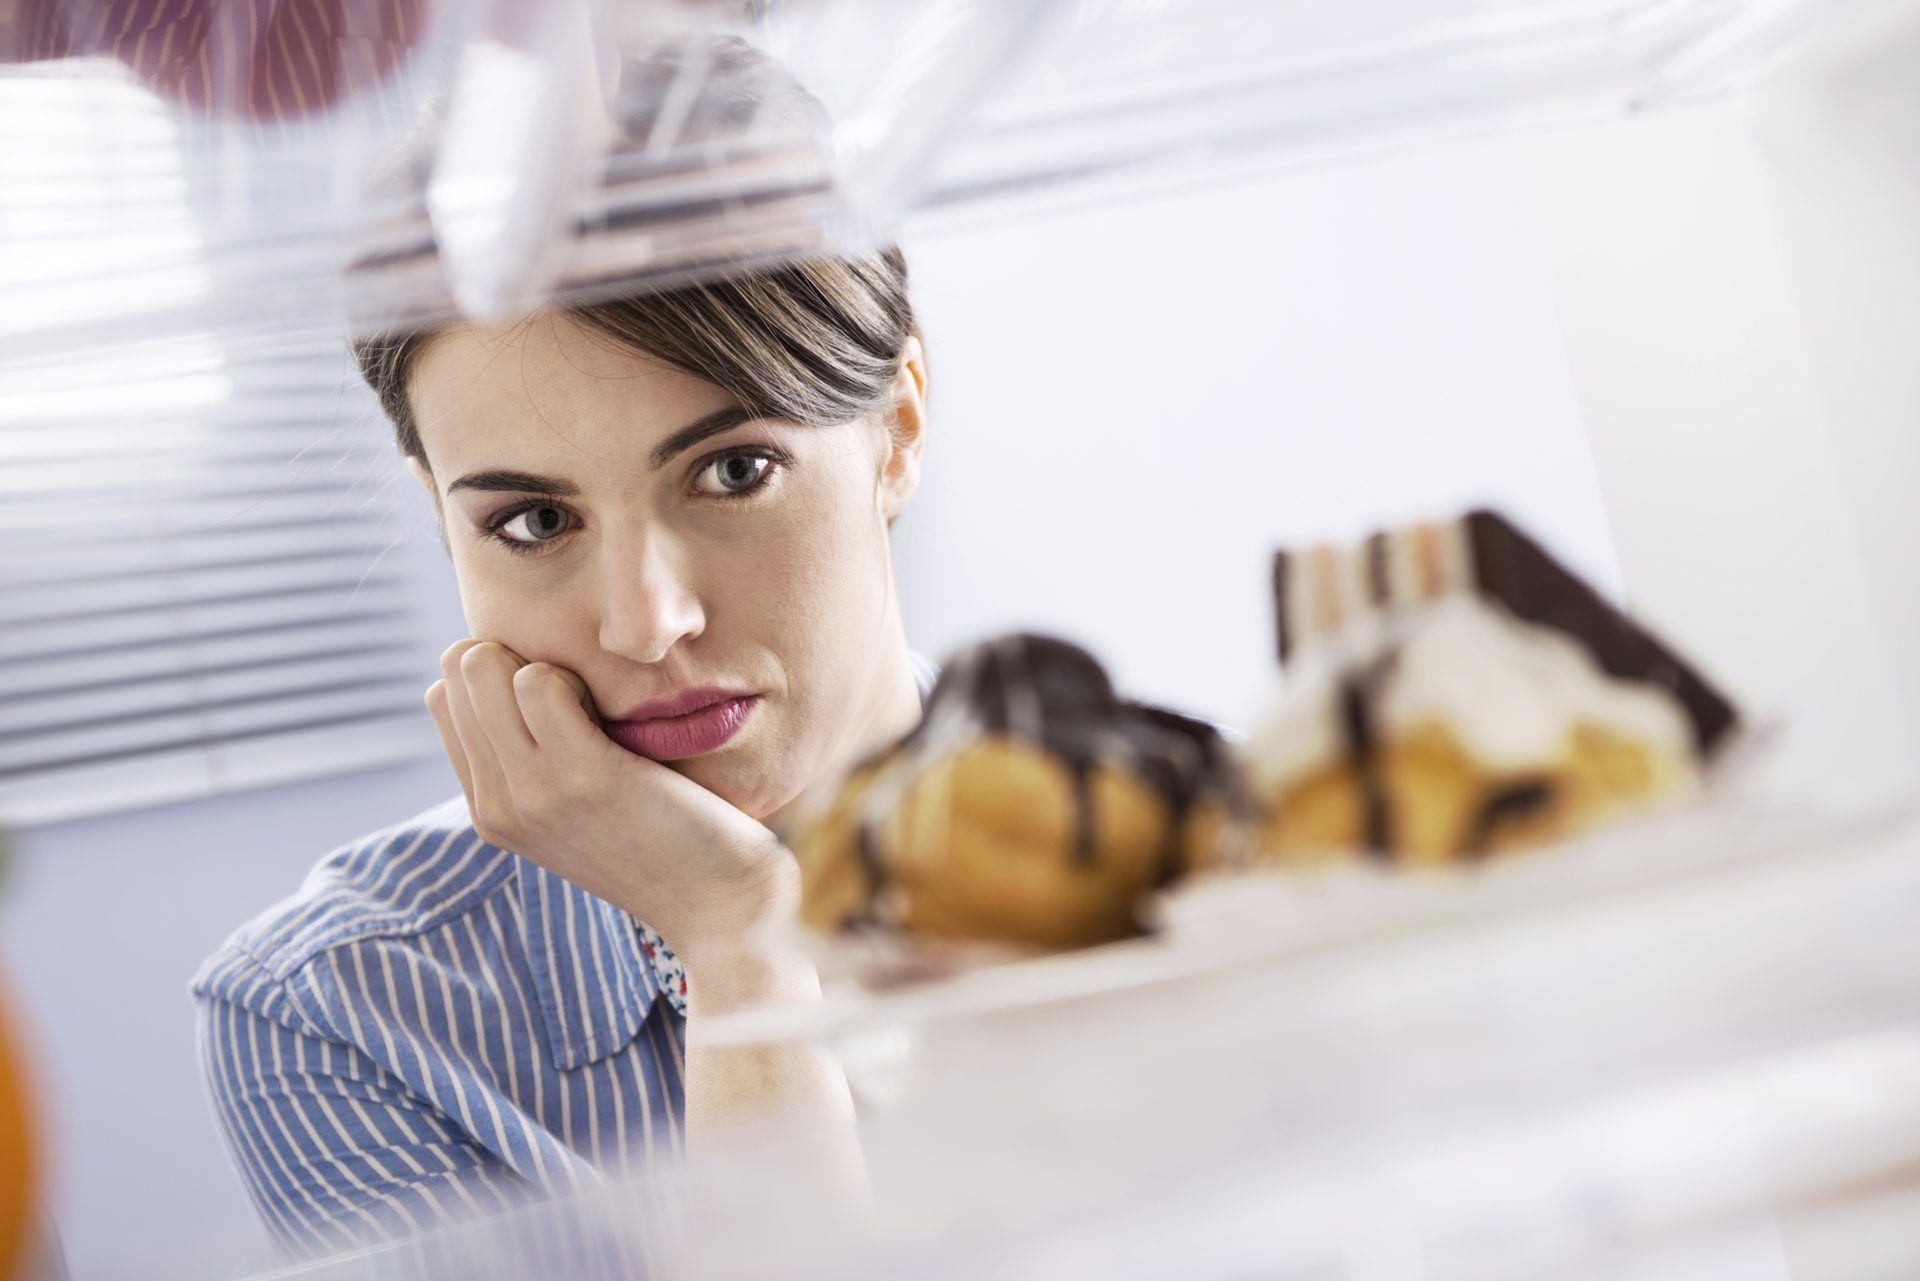 Страх и гнев повышают аппетит